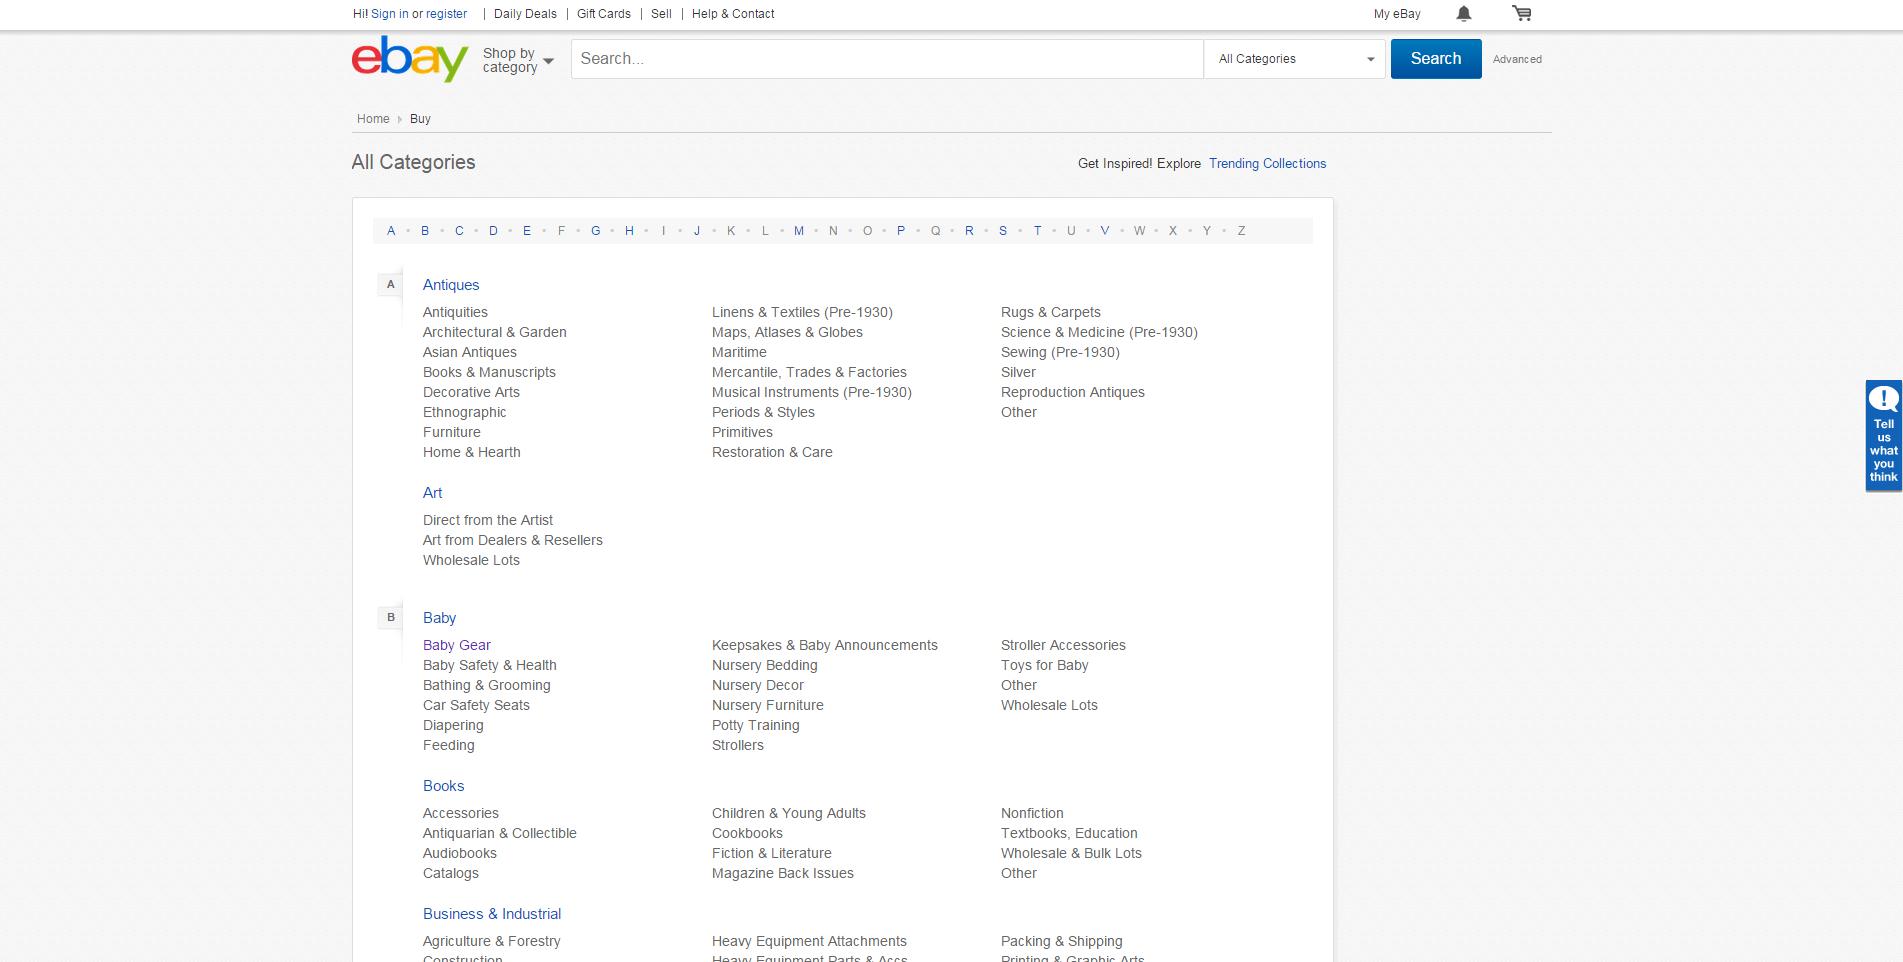 niche market analysis with ebay